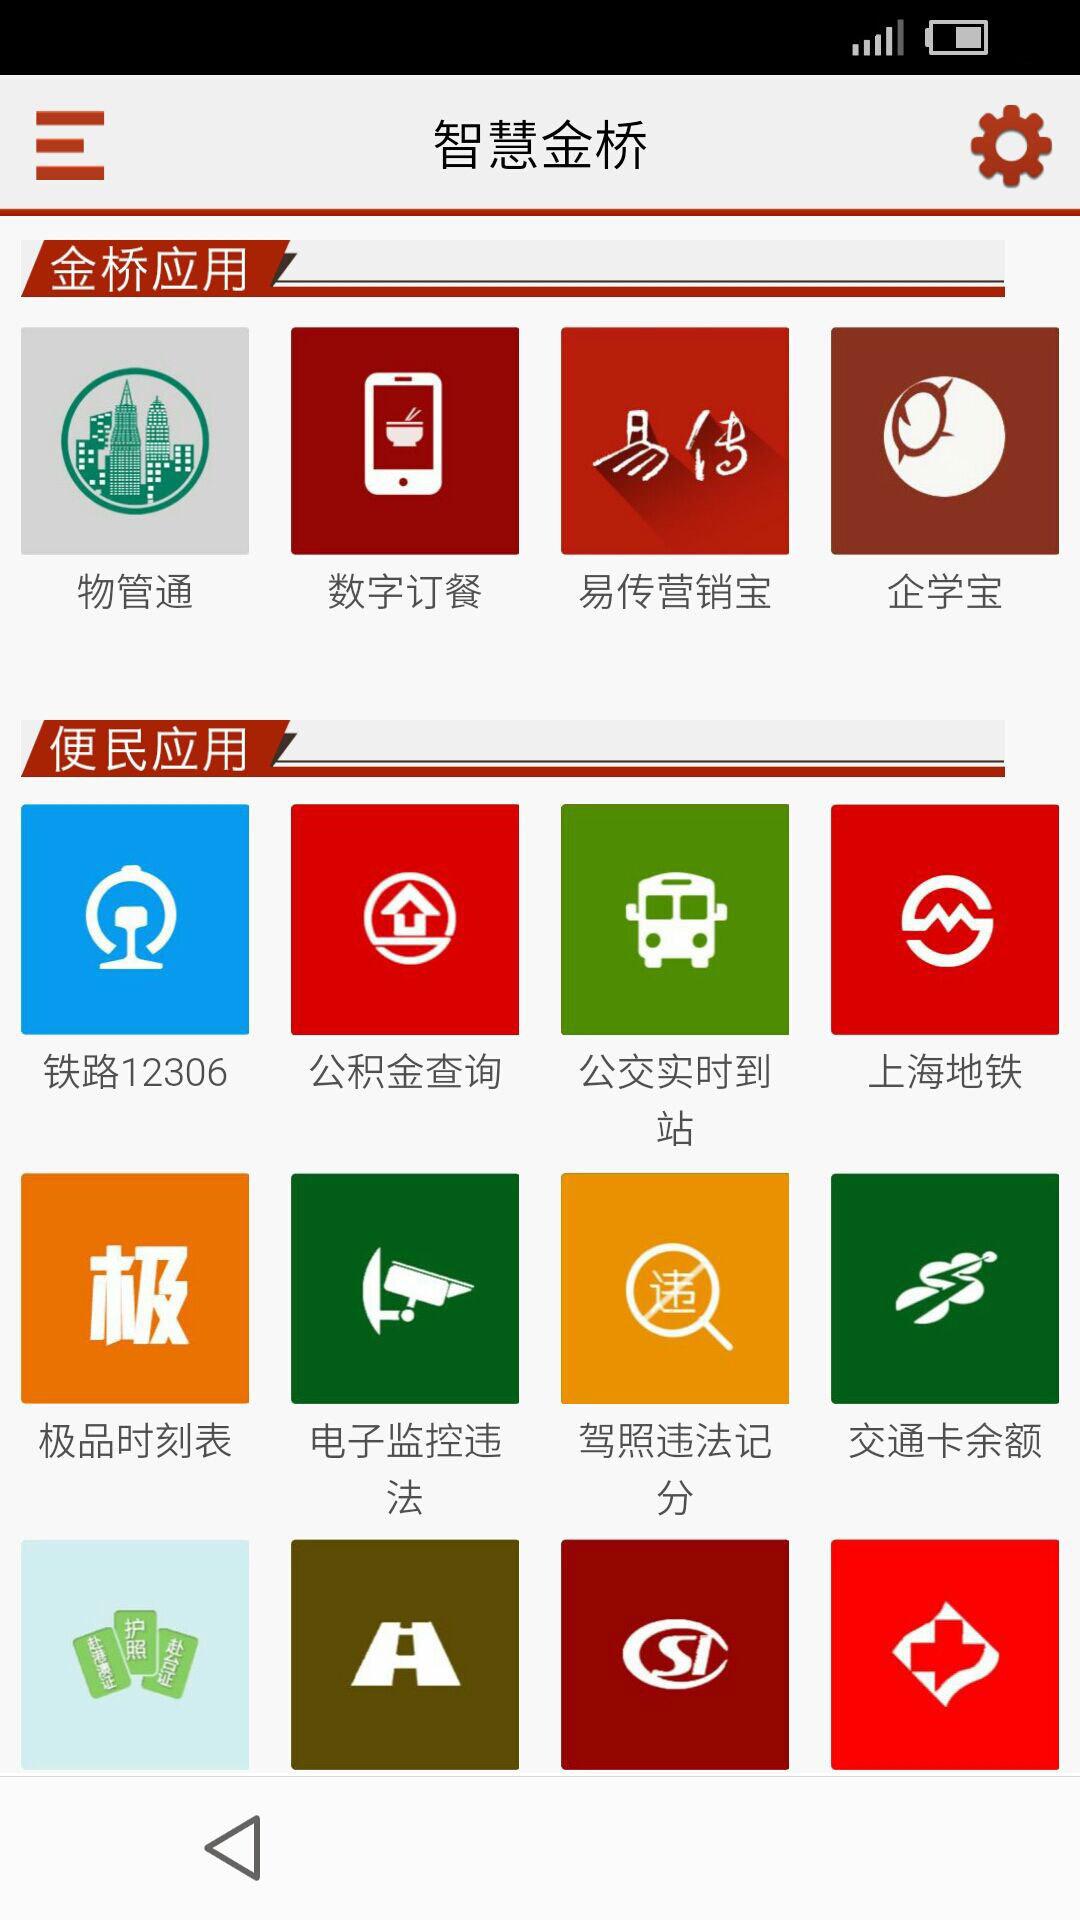 金桥网络文化产业公共服务平台图片